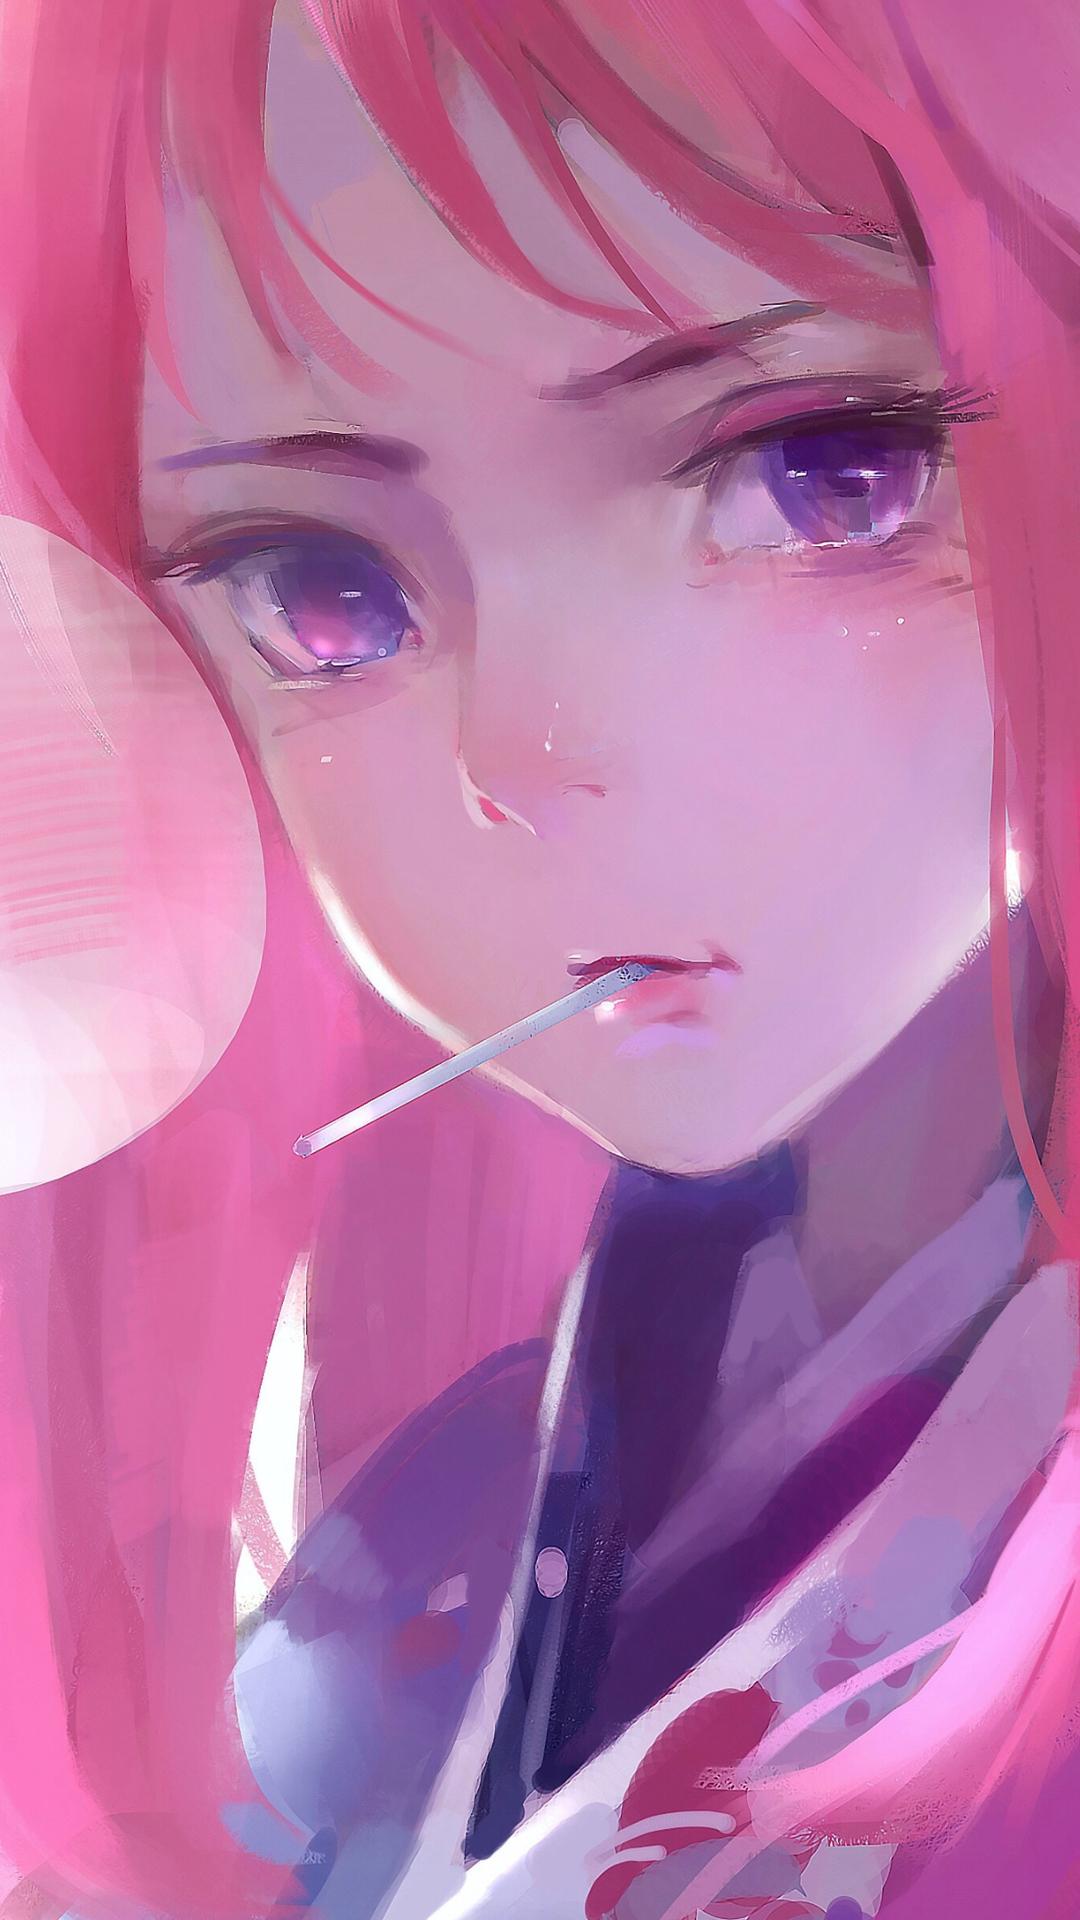 Cute Anime Girl Wallpaper